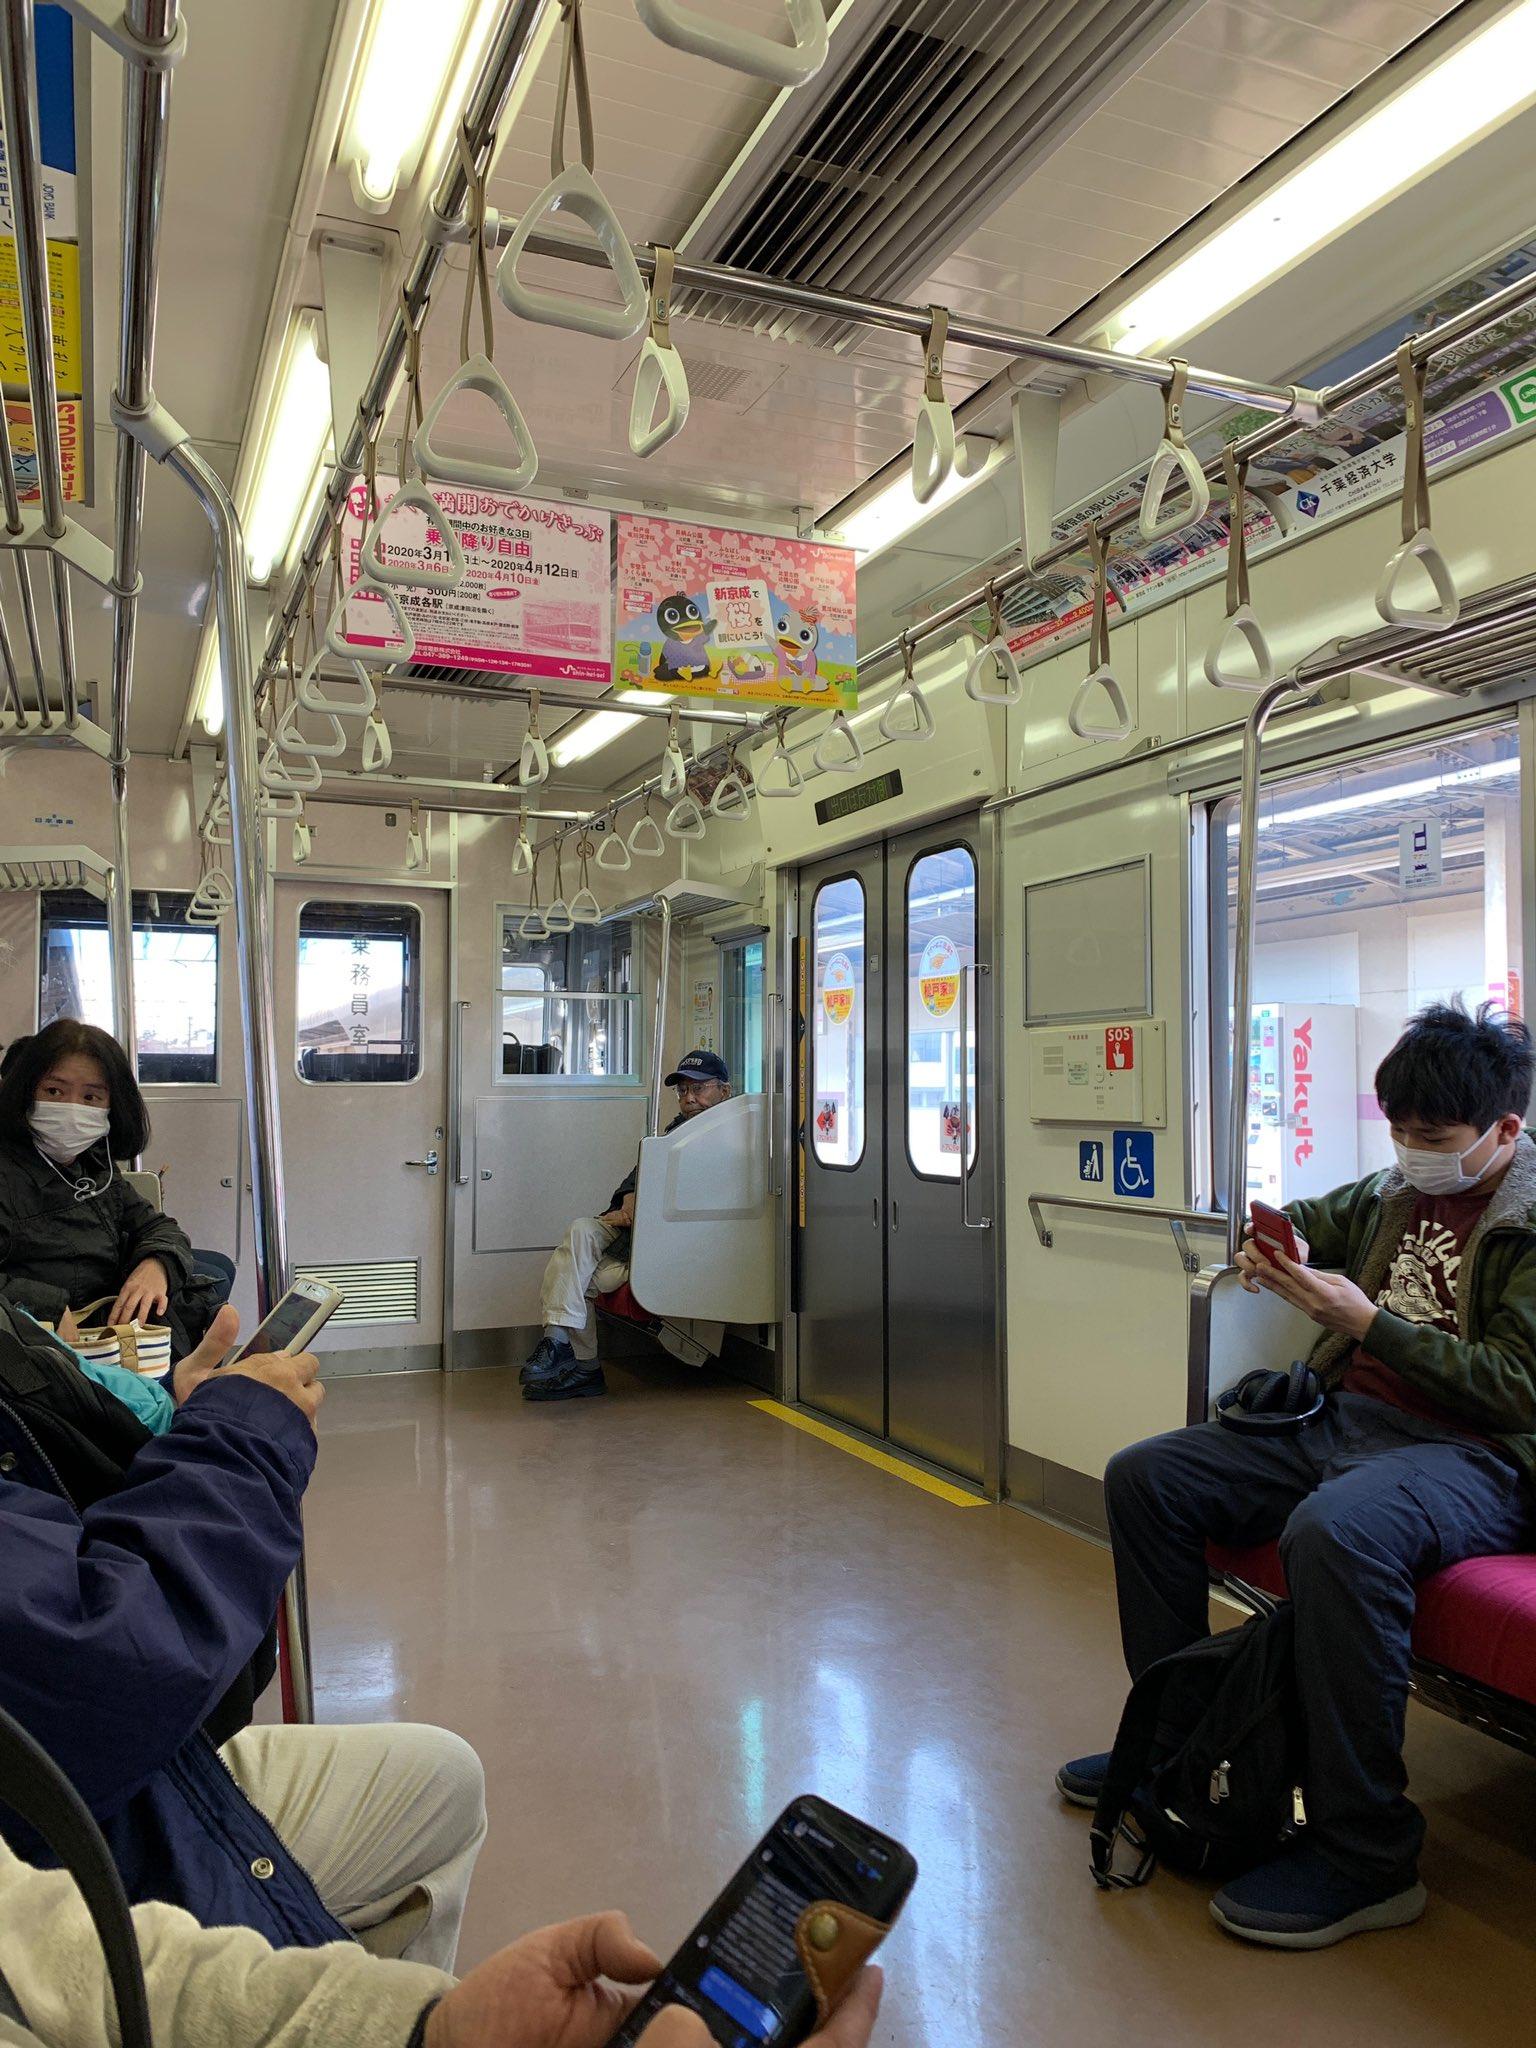 新京成線の松戸新田駅で人身事故が起きた当該列車の画像